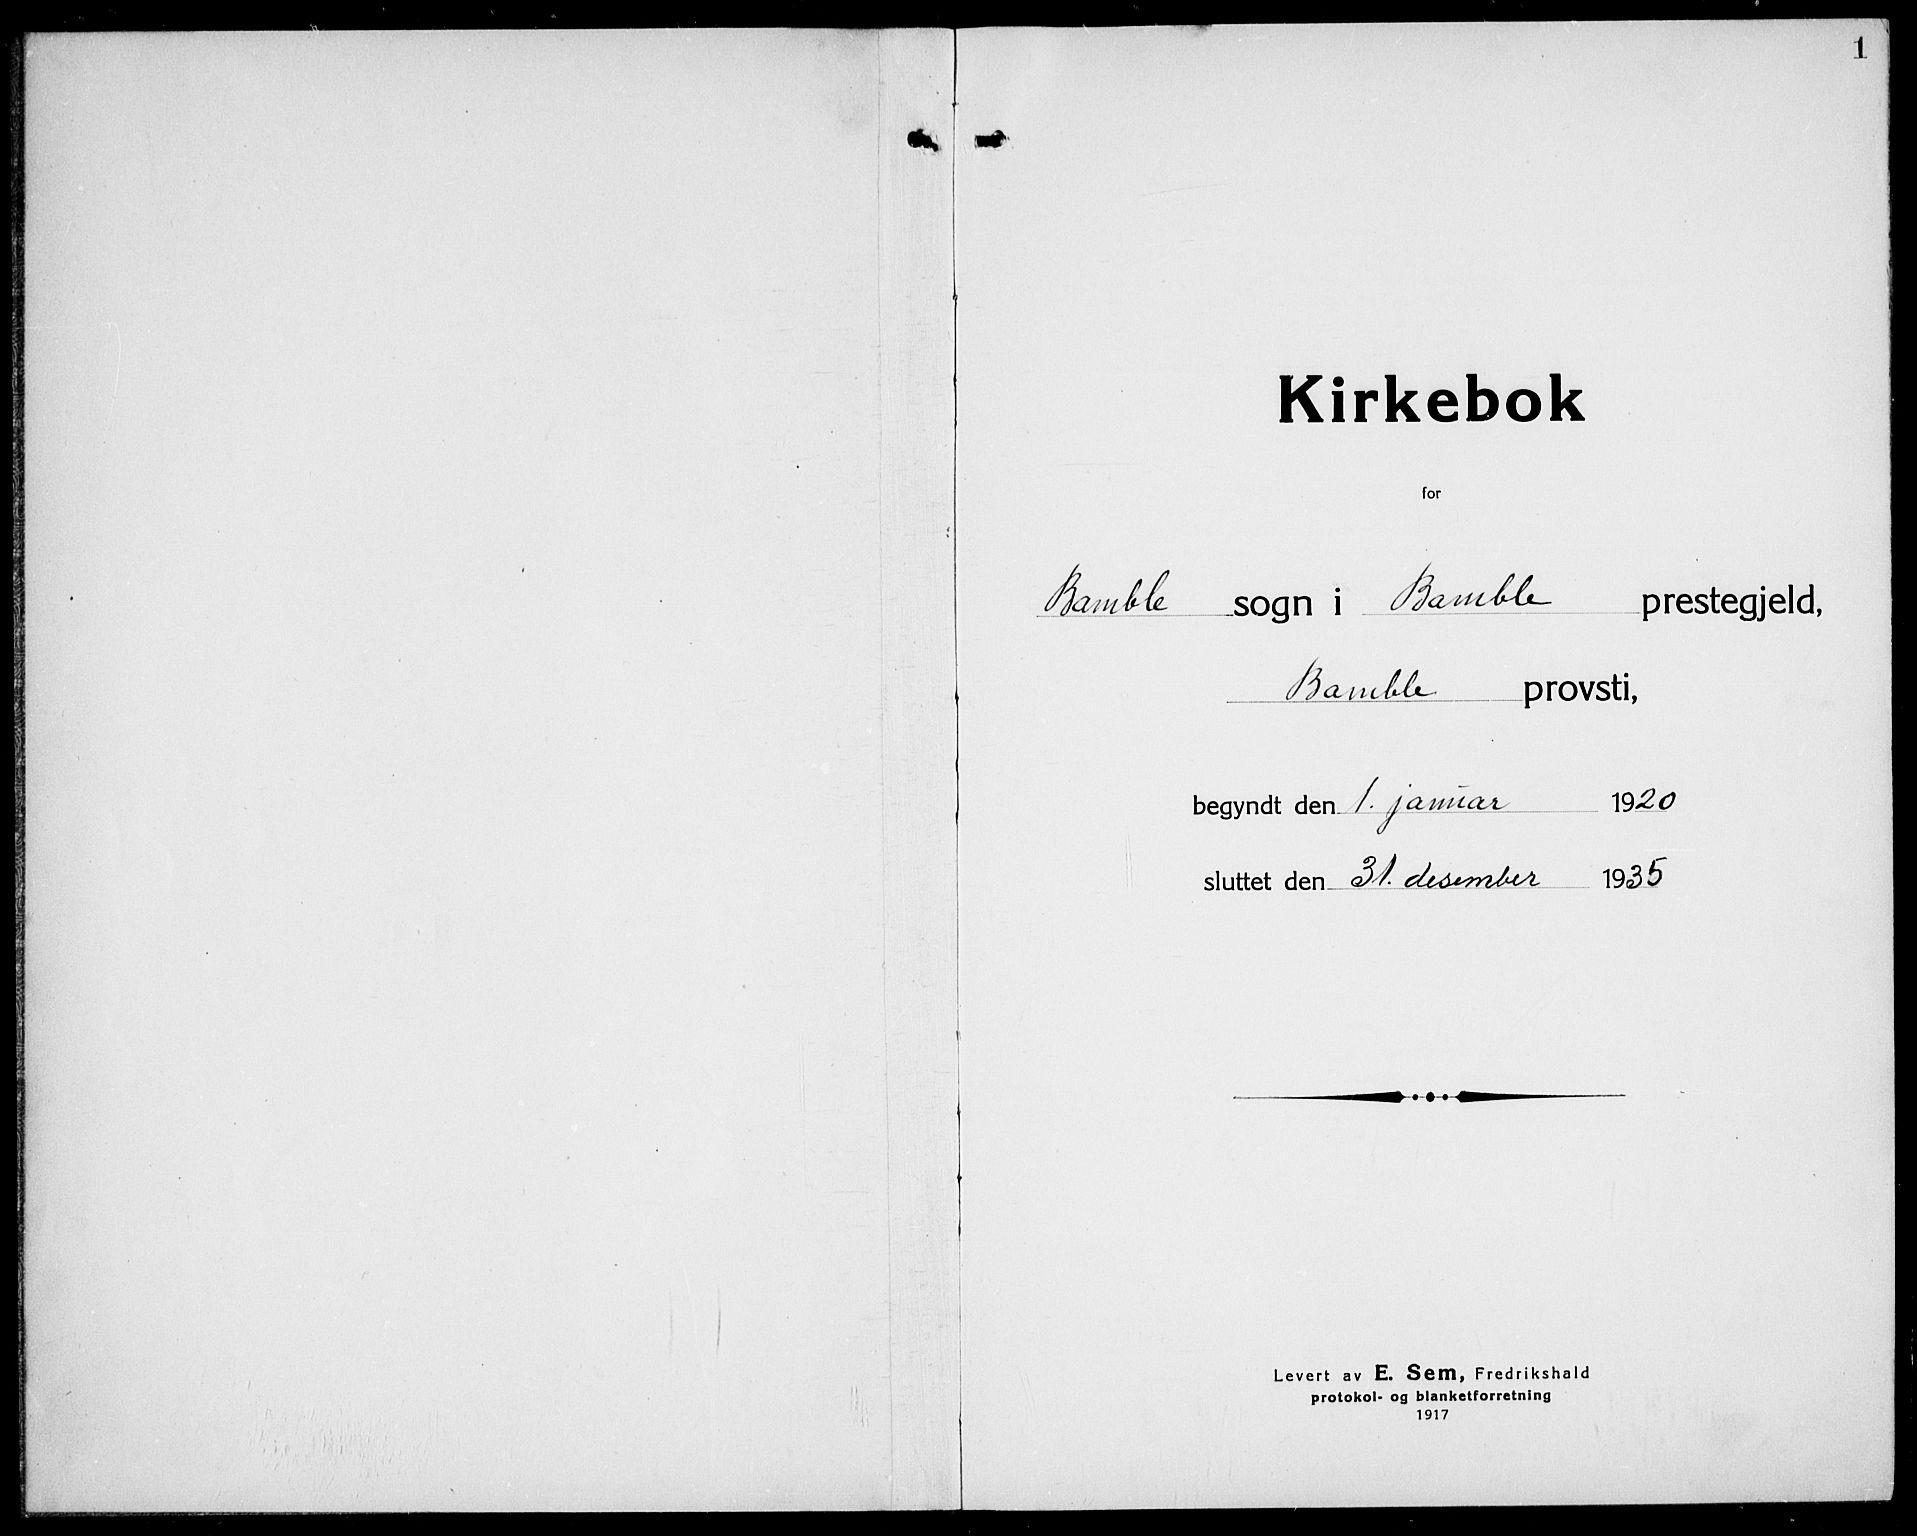 SAKO, Bamble kirkebøker, G/Ga/L0011: Klokkerbok nr. I 11, 1920-1935, s. 1